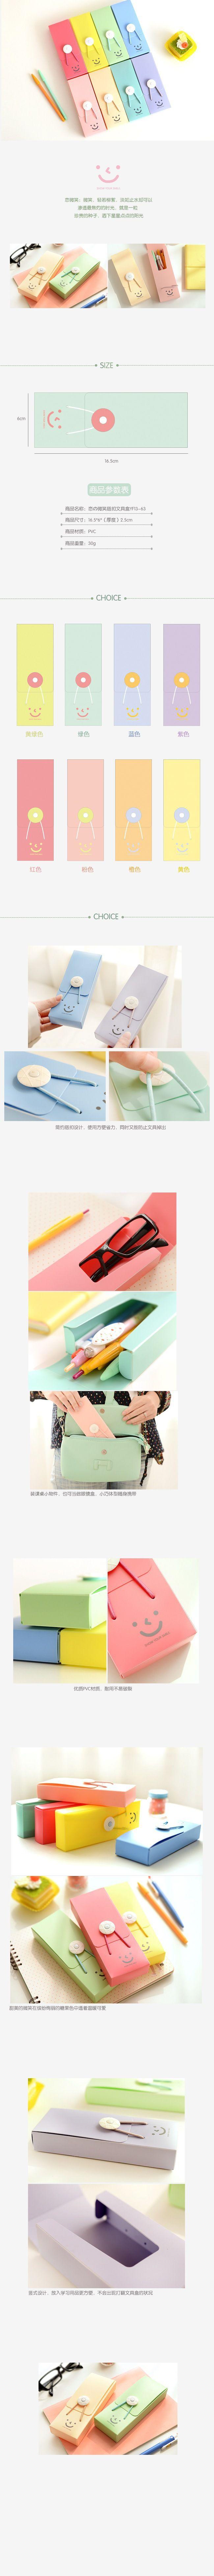 32,56 - 72,43 руб. / шт. Письменные принадлежности > Пеналы и сумки > Пеналы для карандашей Aliexpress